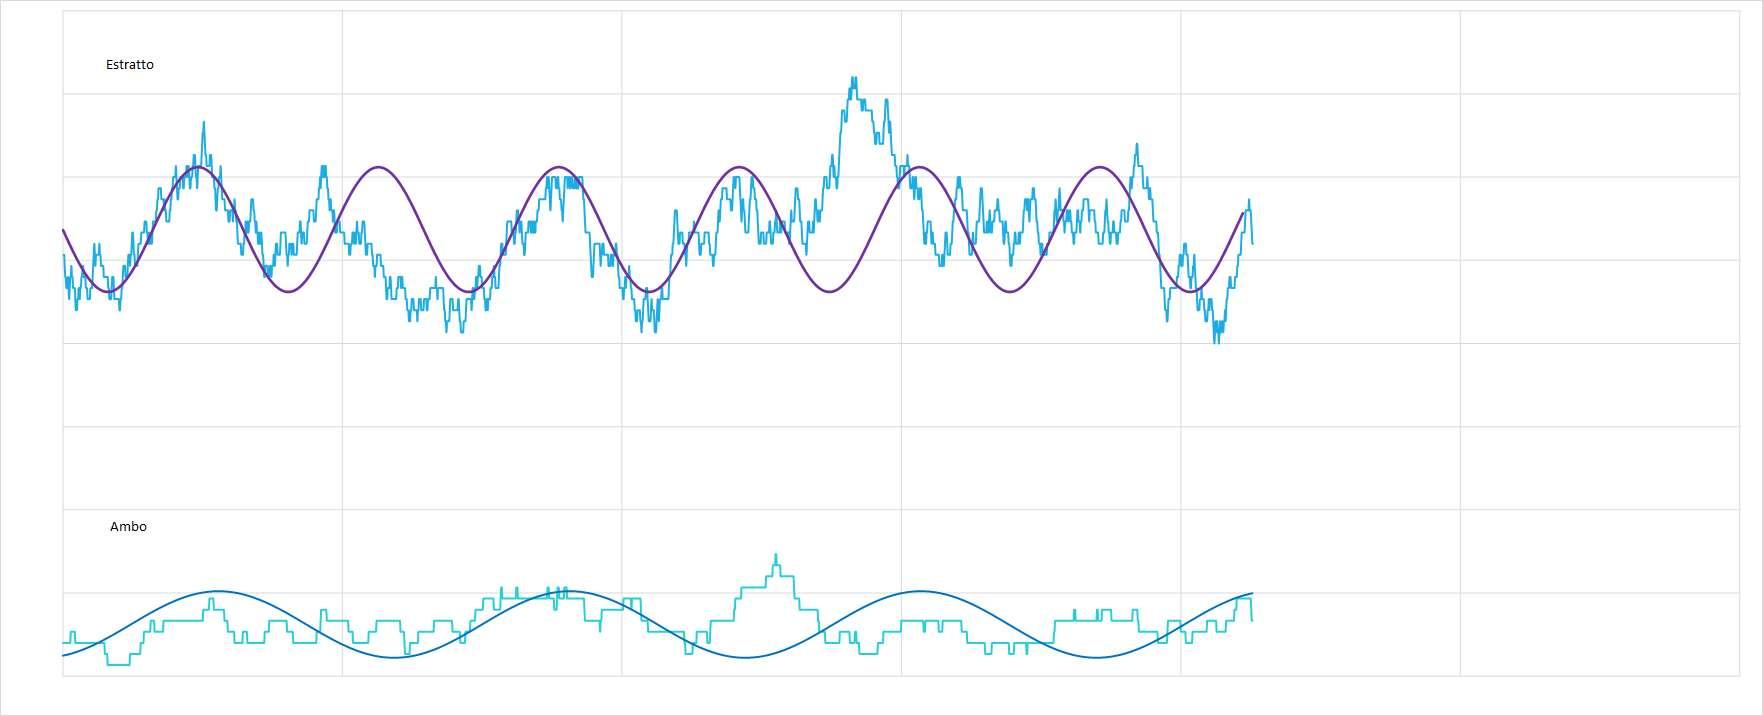 Ipotetico andamento sinusoidale interpolante per le medie dell'estratto e dell'ambo - Aggiornato all'estrazione precedente il 6 Marzo 2021